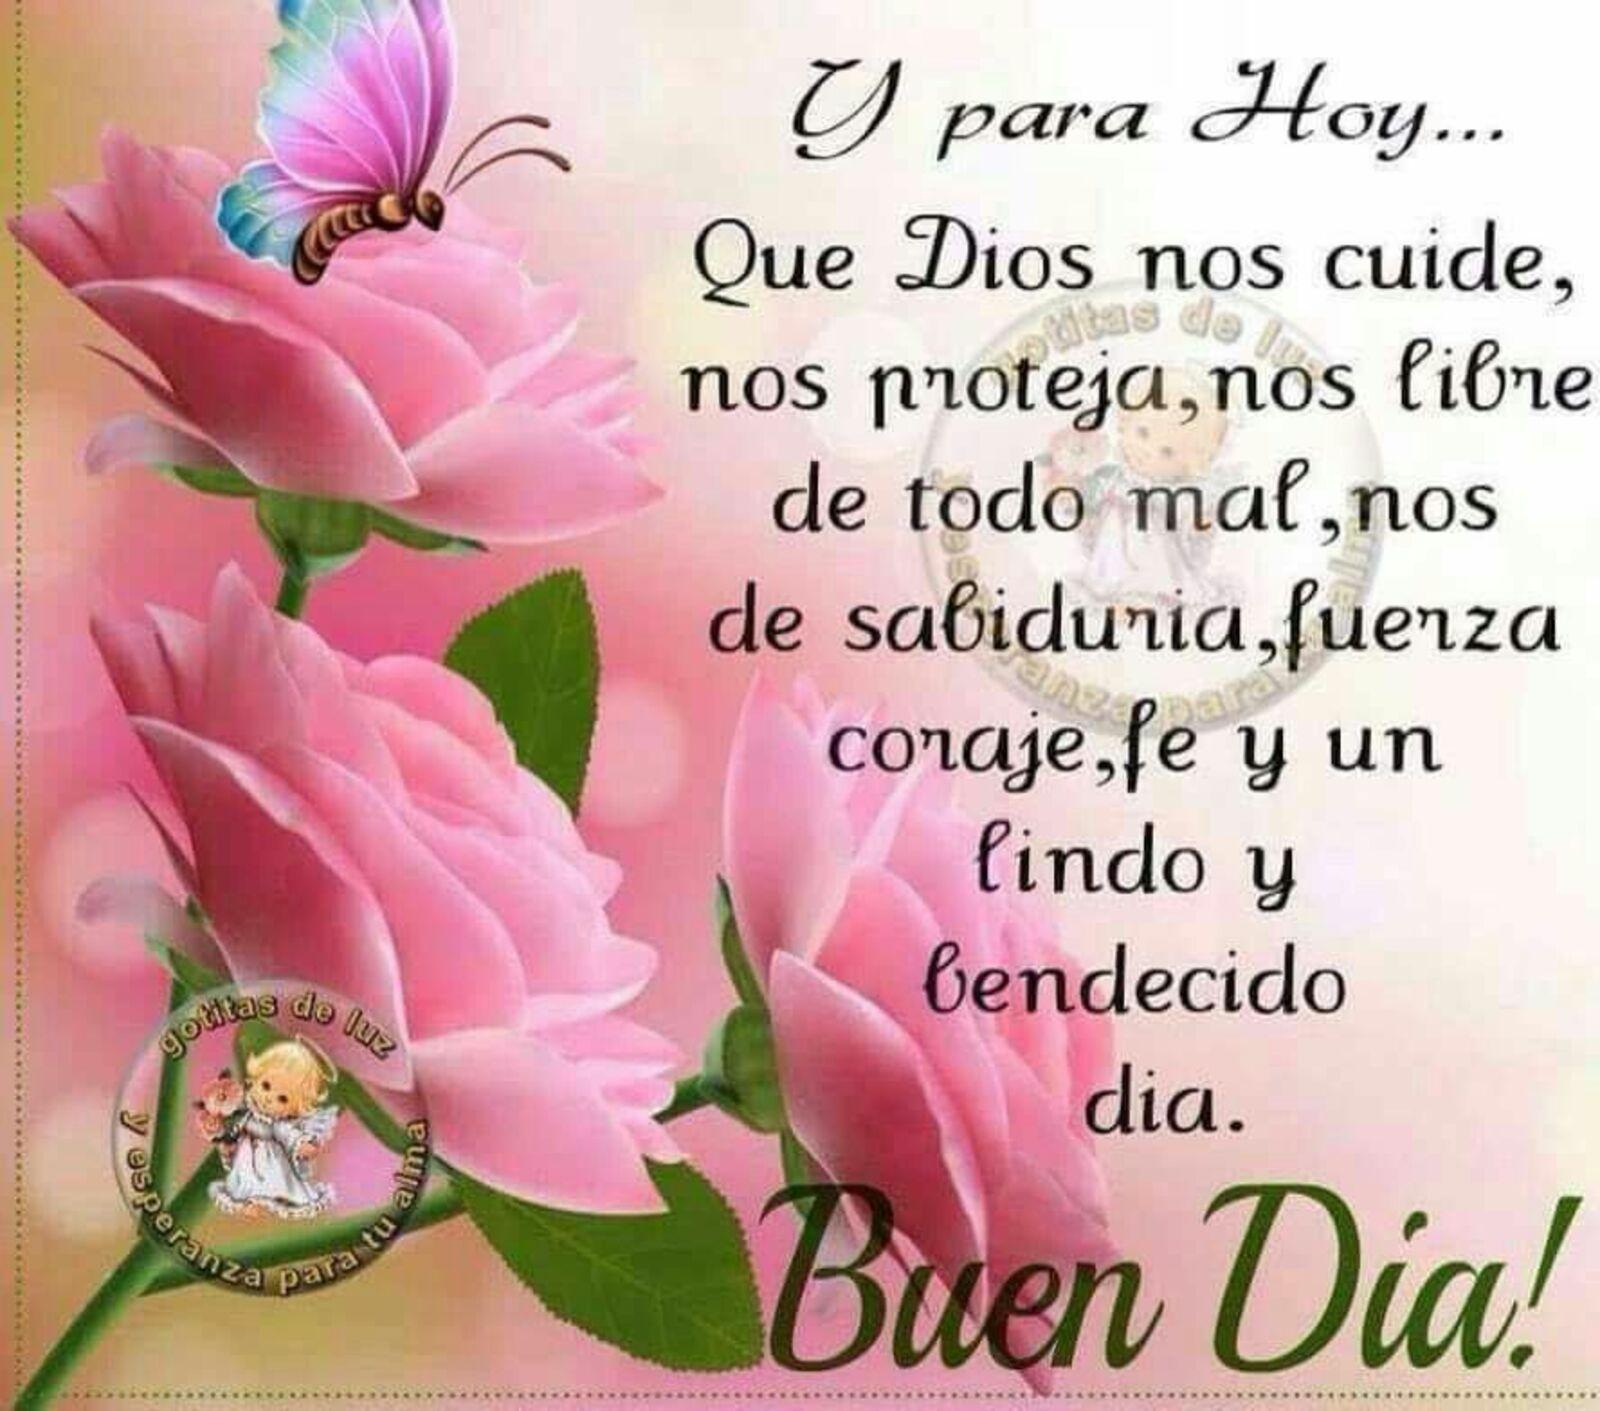 Y para hoy...que Dios nos cuide, nos proteja, nos libre de todo el ma, nos de sabiduria, fuerza coraje, fe y un lindo y bendecido dia. Buen Dia!